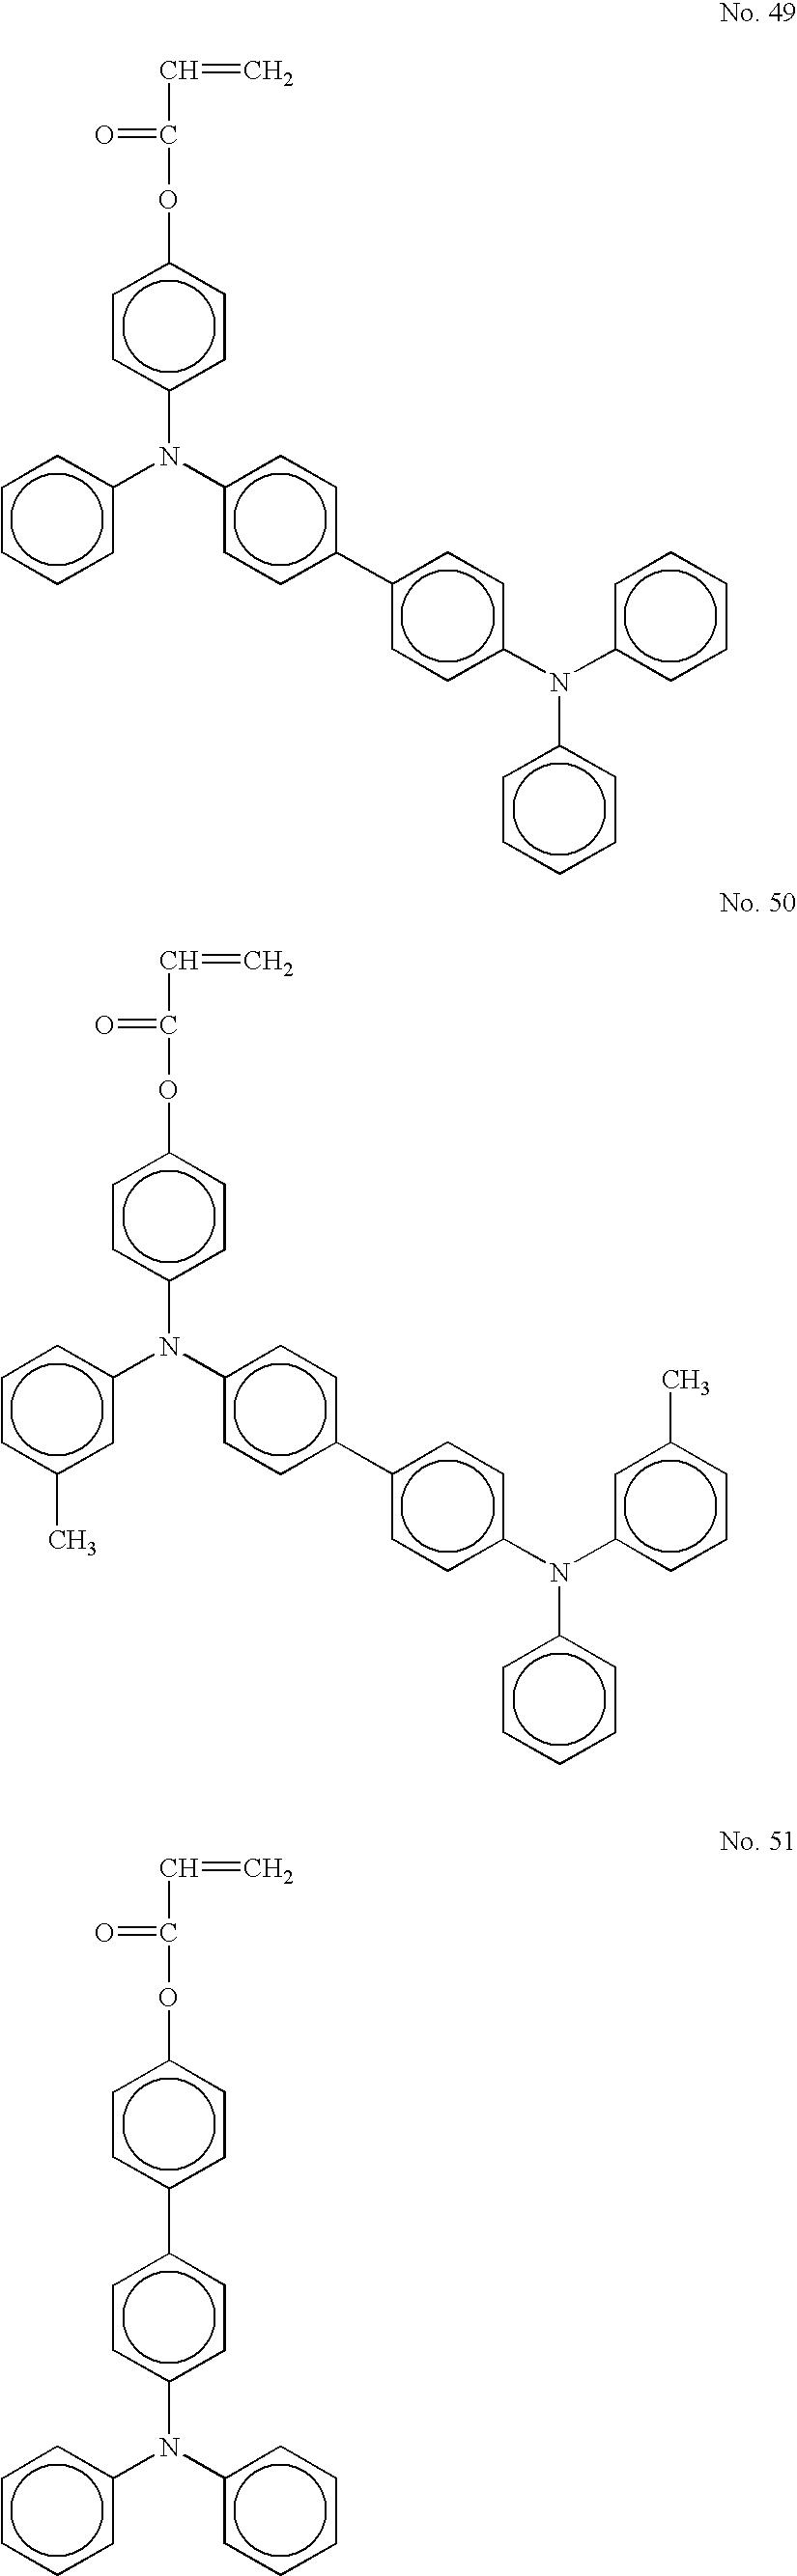 Figure US20050175911A1-20050811-C00018